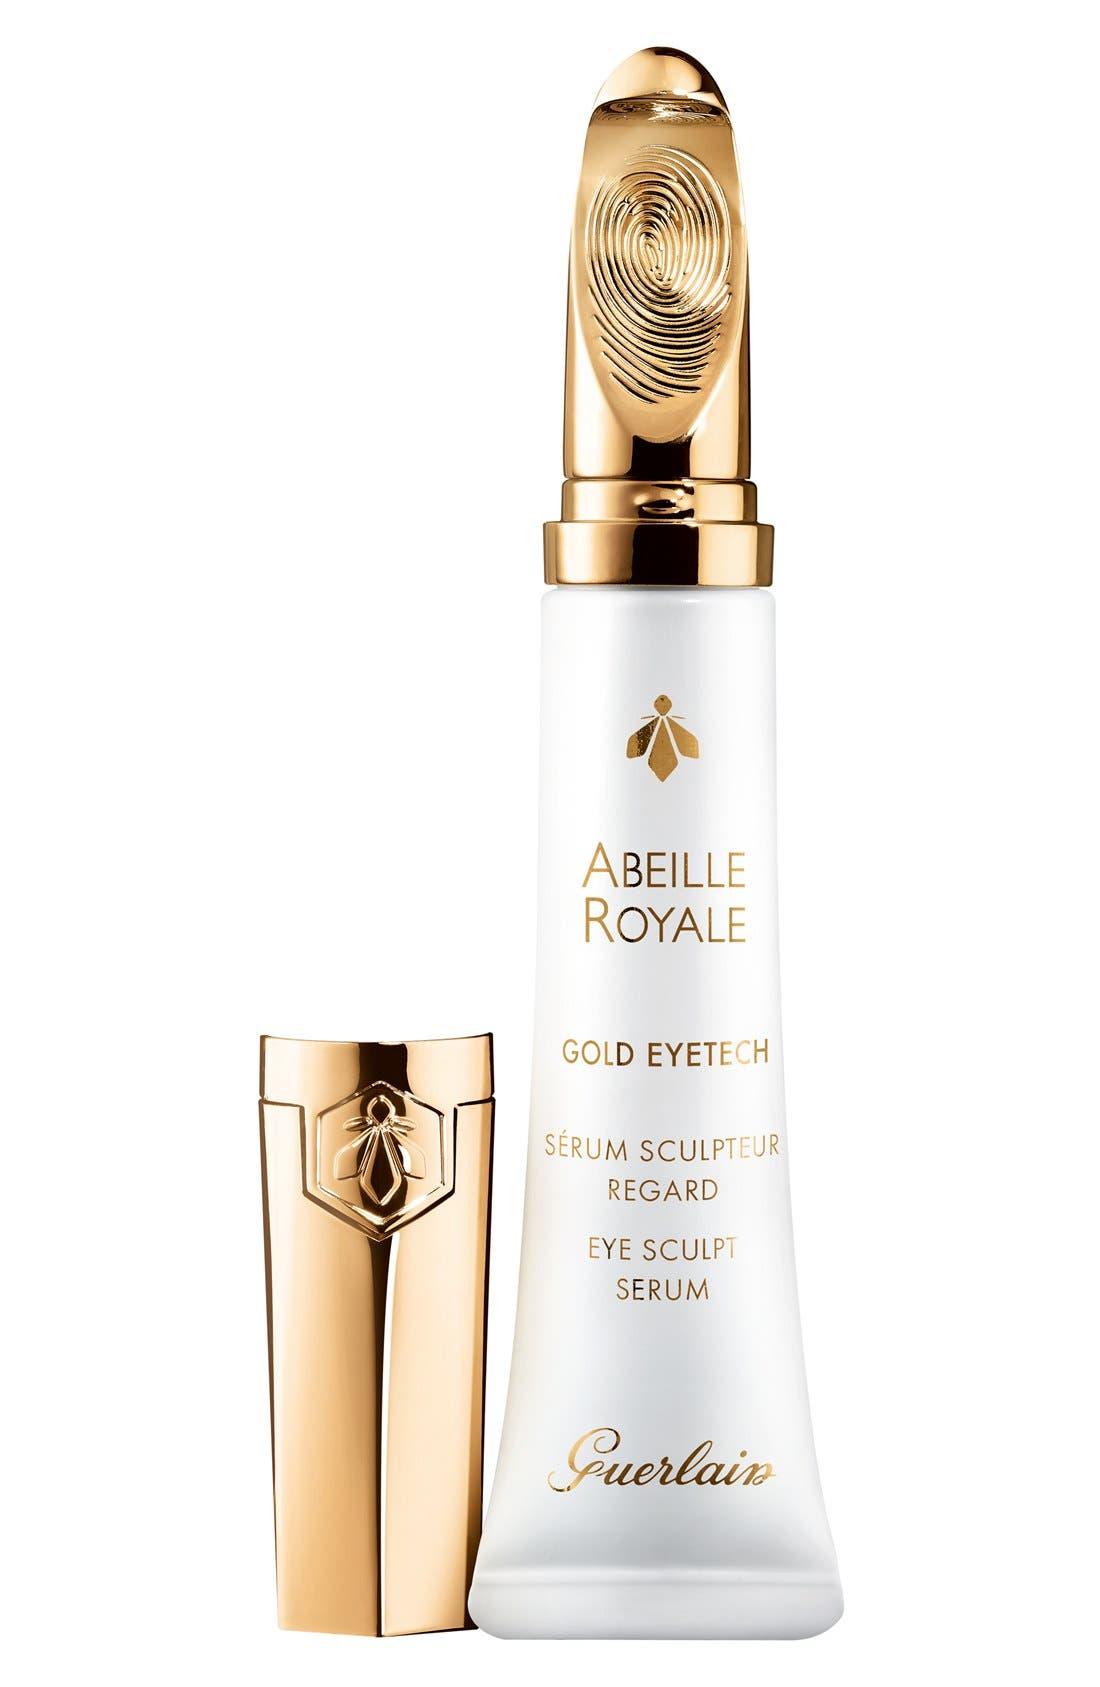 Abeille Royale - Gold Eyetech Eye Sculpt Serum,                             Main thumbnail 1, color,                             NO COLOR